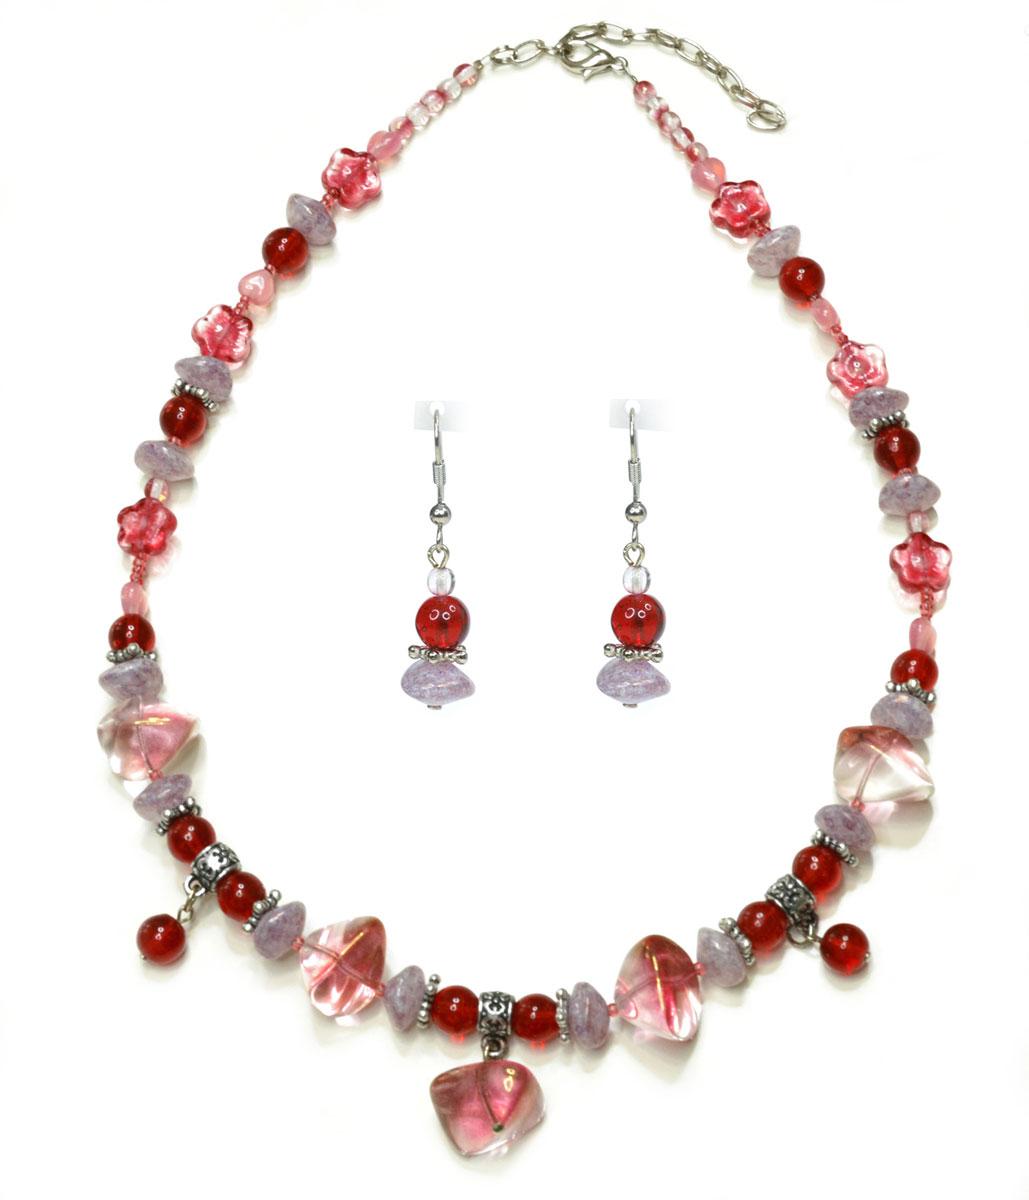 Комплект украшений Bohemia Style: бусы, серьги, цвет: розовый, сиреневый, красный. 1248 4046 07 1248 4046 07 бусы, серьги